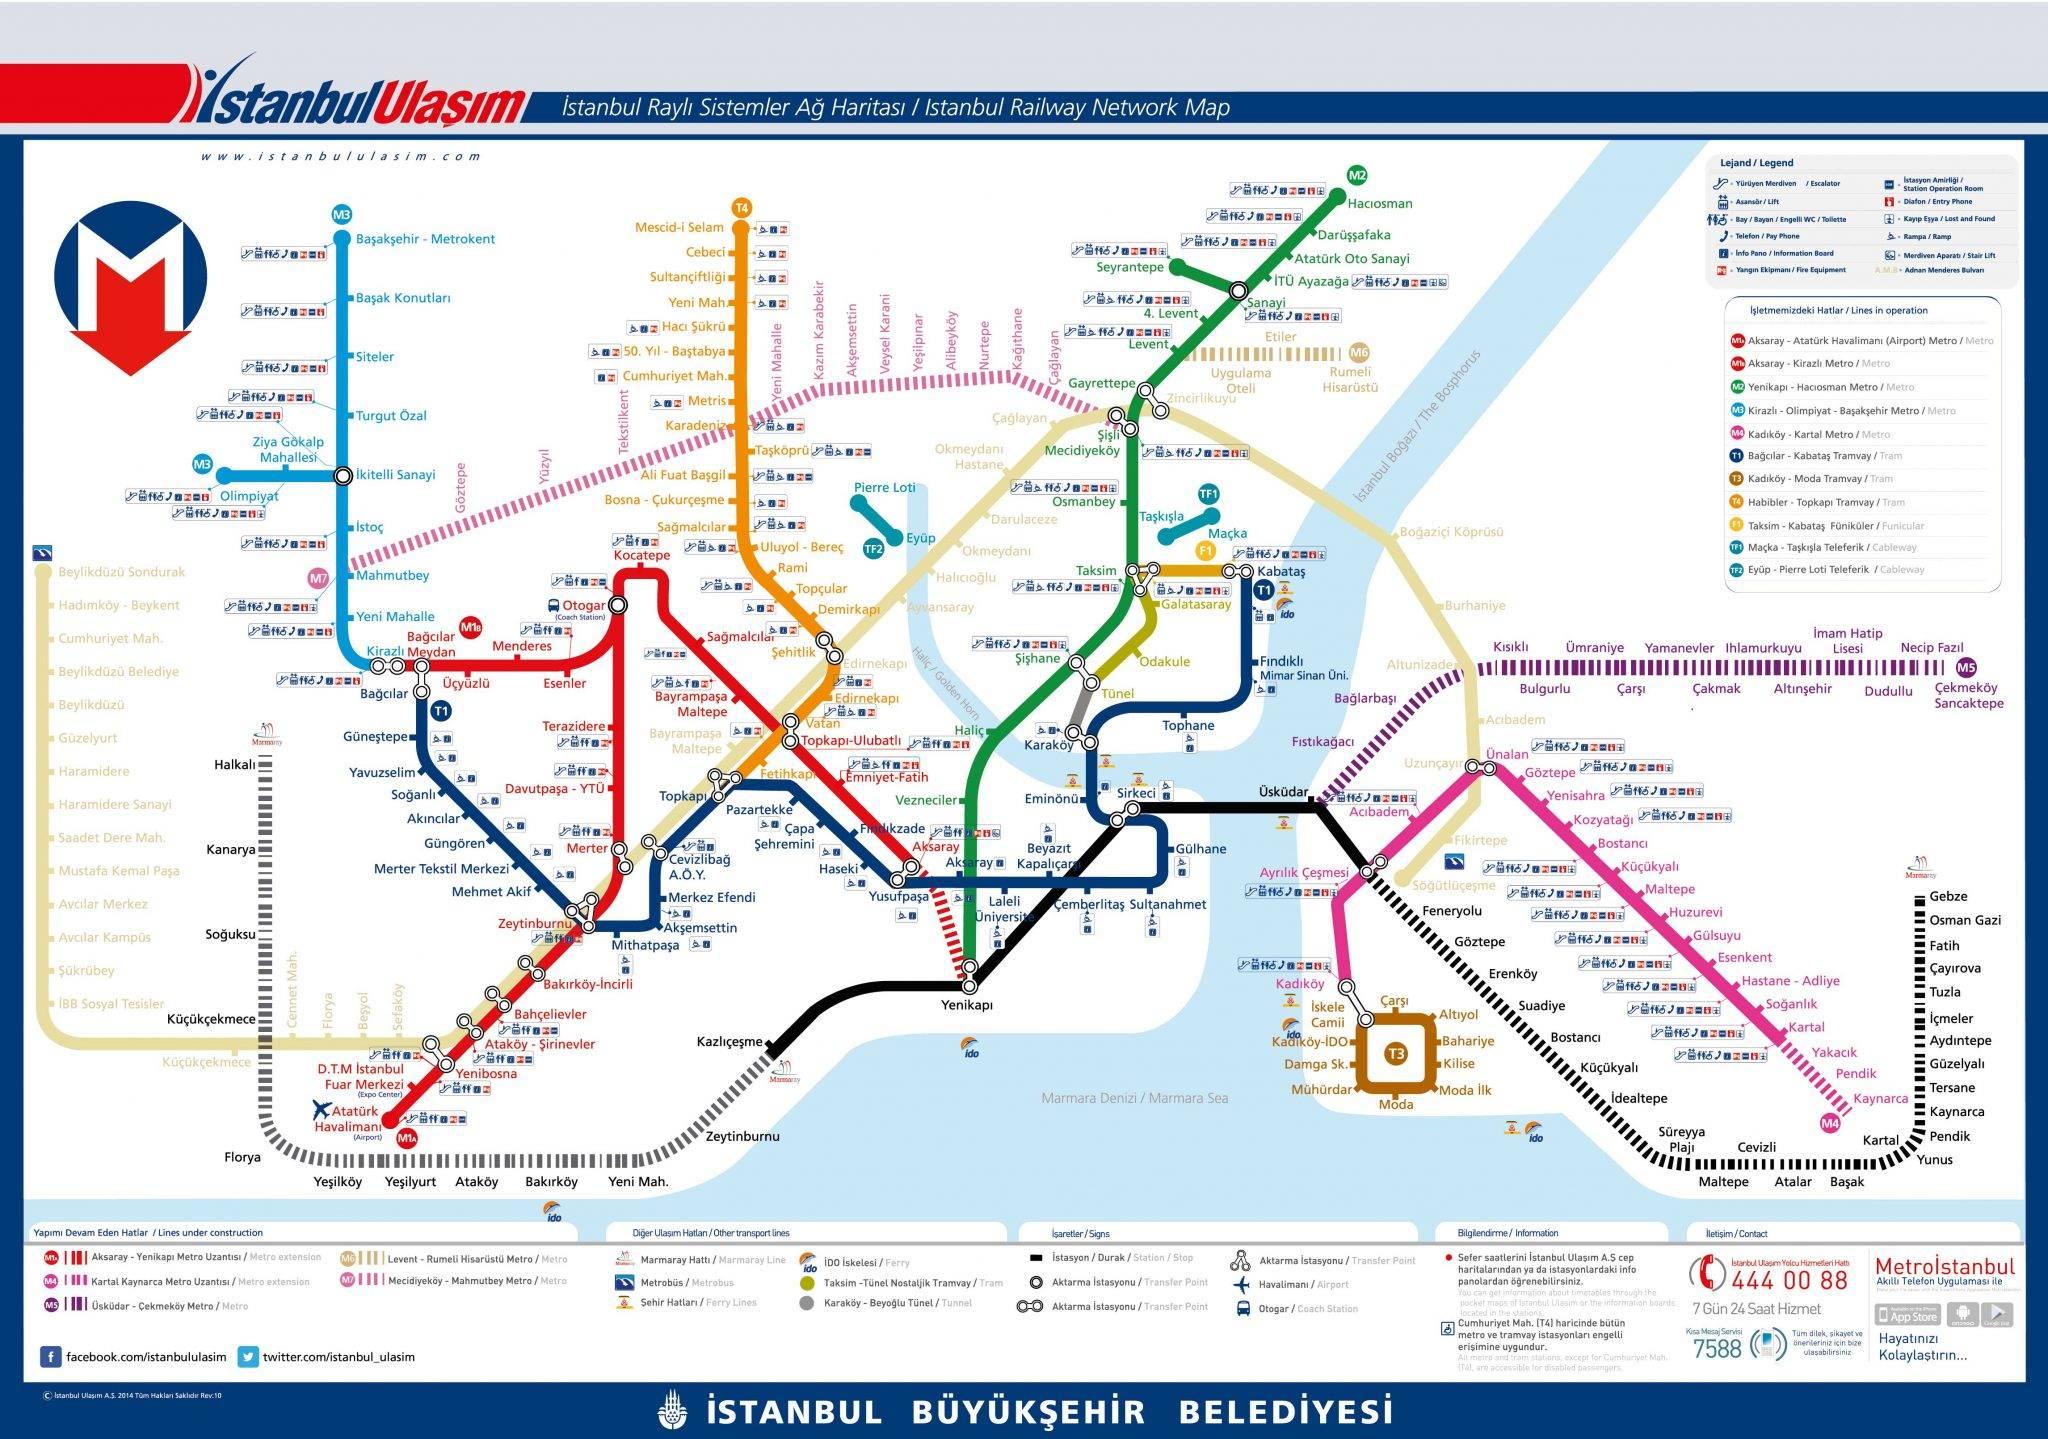 Метро стамбула : карта, фото, описание